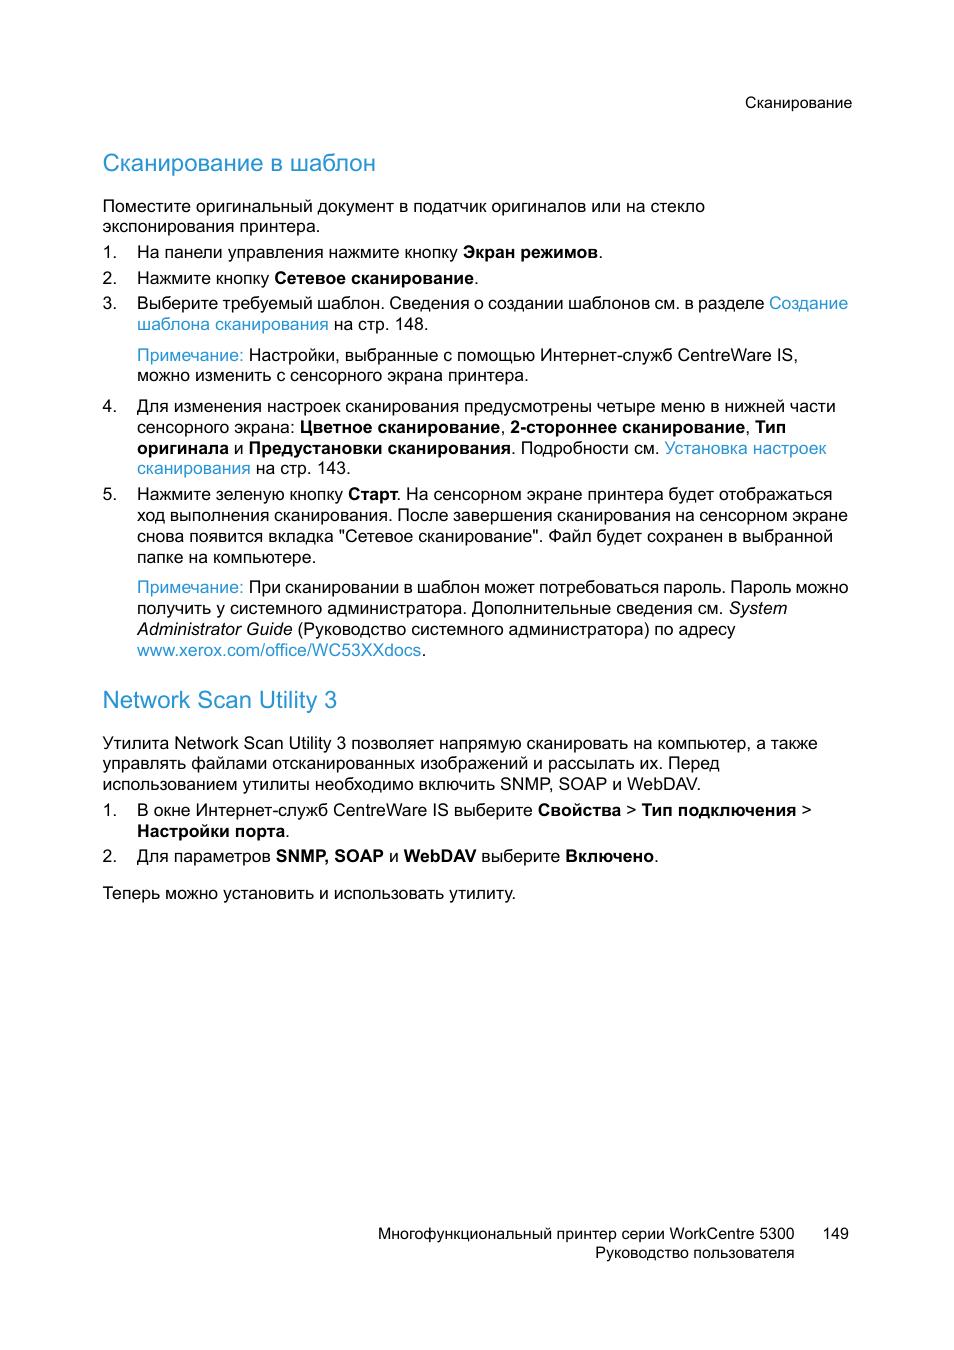 Сканирование в шаблон, Network scan utility 3, Сканирование в шаблон